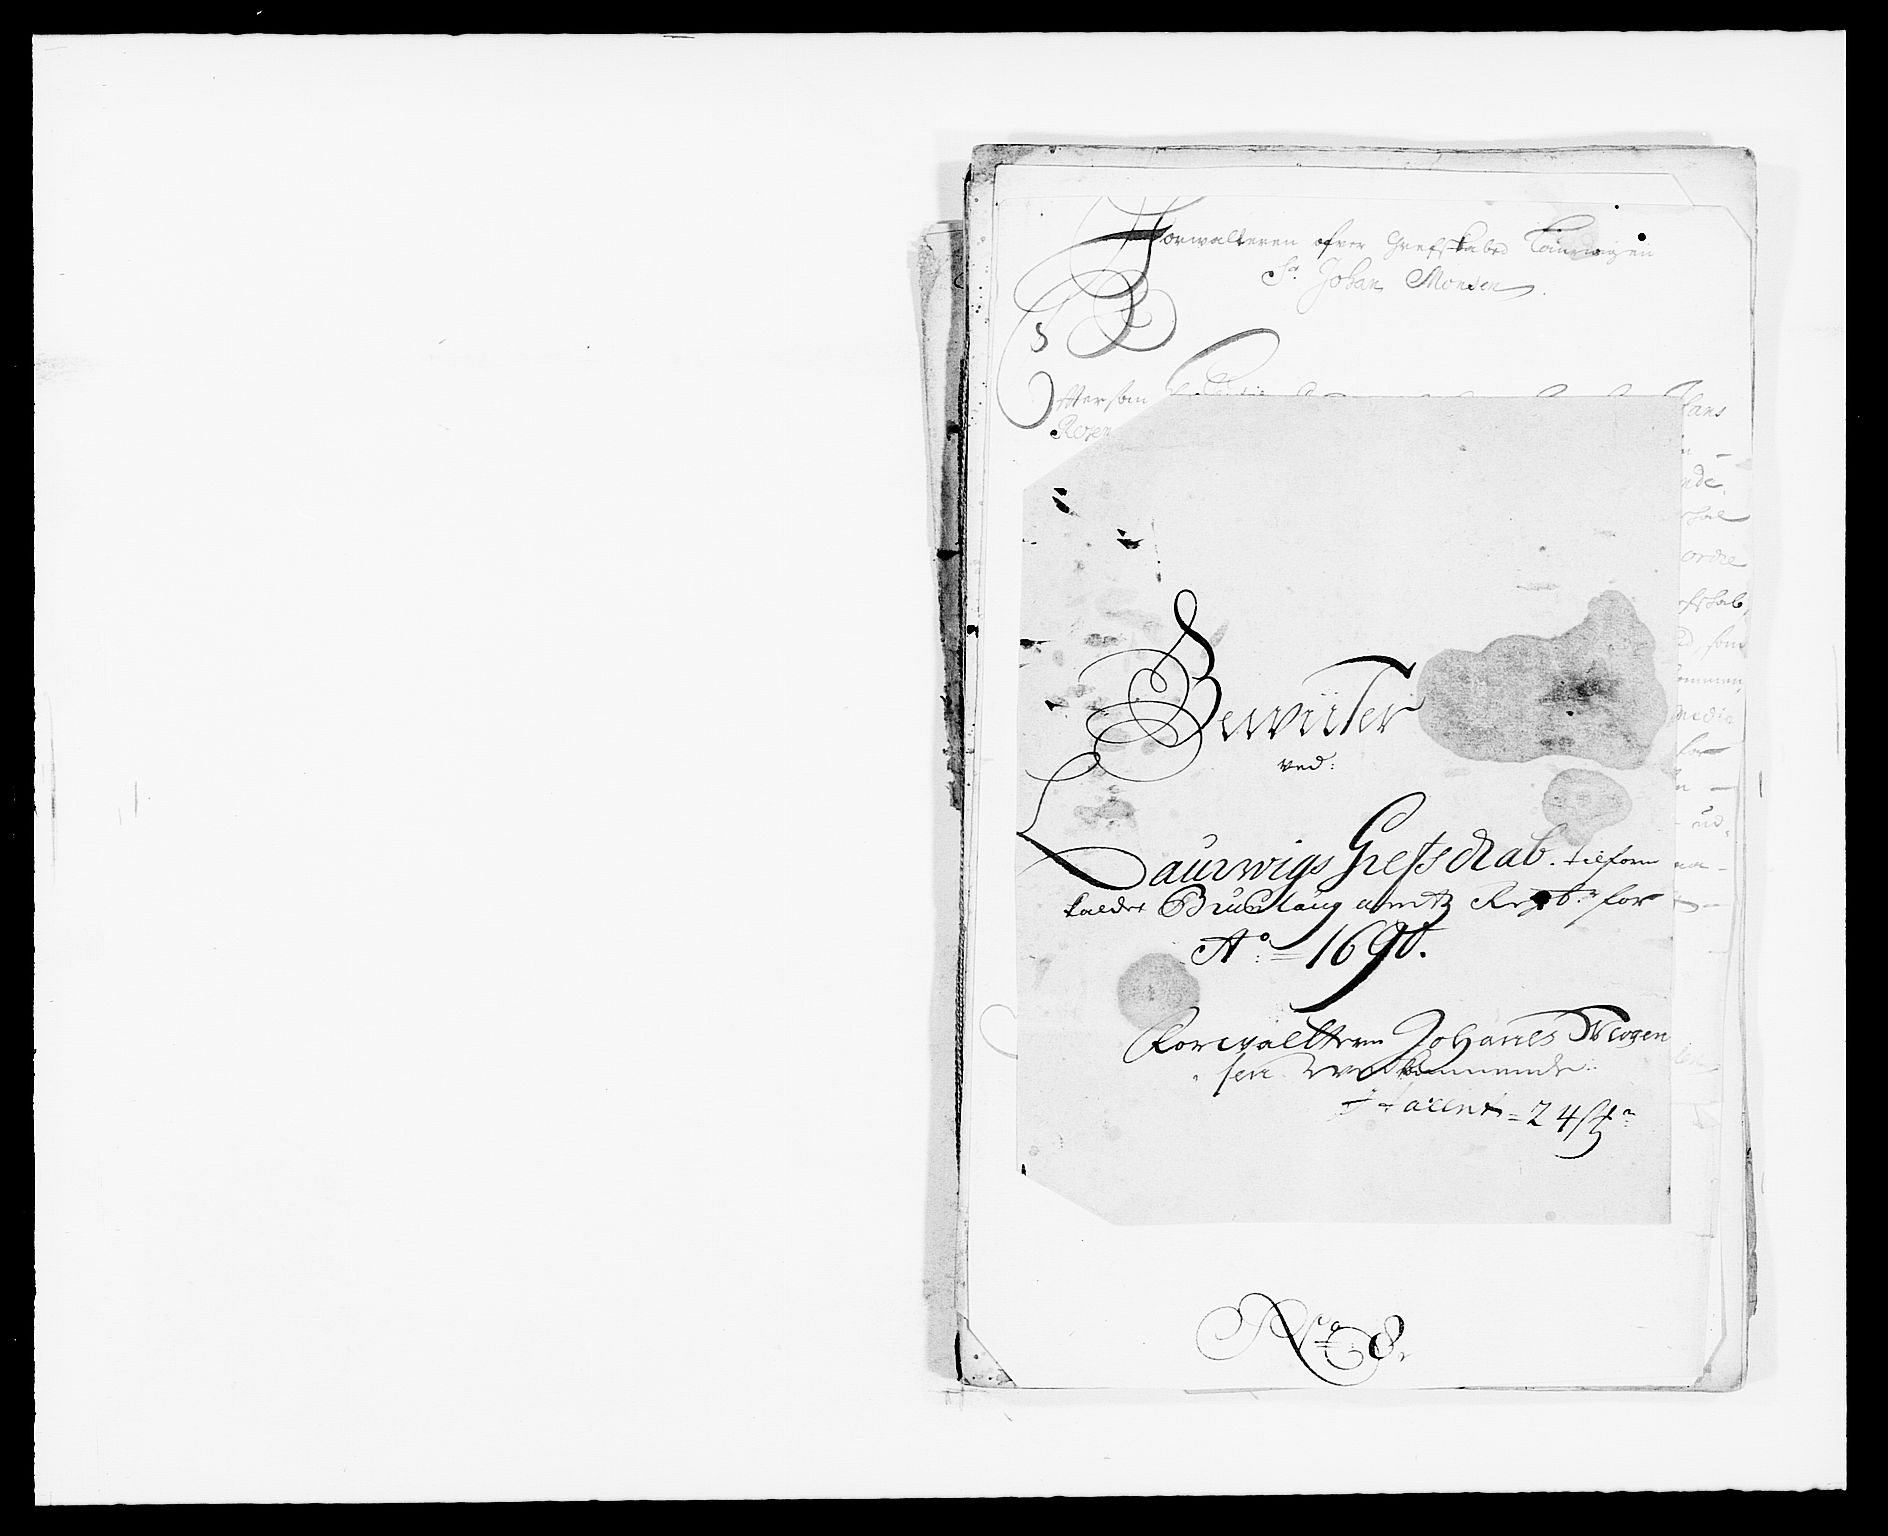 RA, Rentekammeret inntil 1814, Reviderte regnskaper, Fogderegnskap, R33/L1972: Fogderegnskap Larvik grevskap, 1690-1691, s. 212